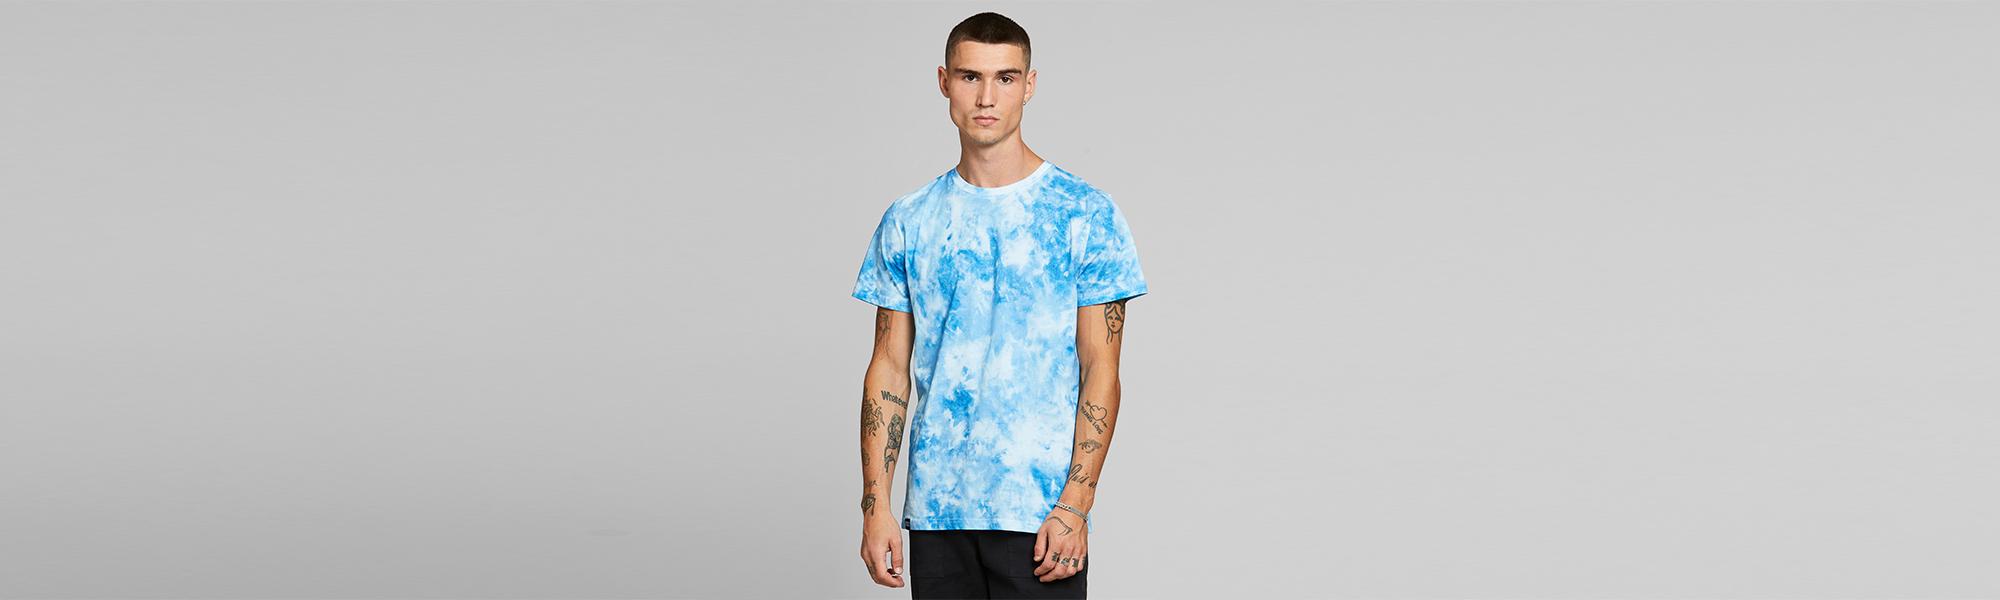 Tie Dye T-shirts